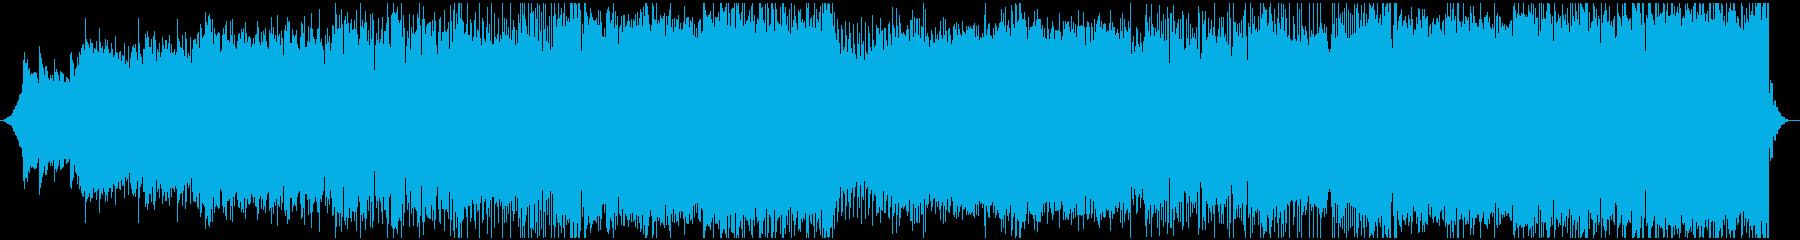 シンセリードメインのキレイめEDMの再生済みの波形